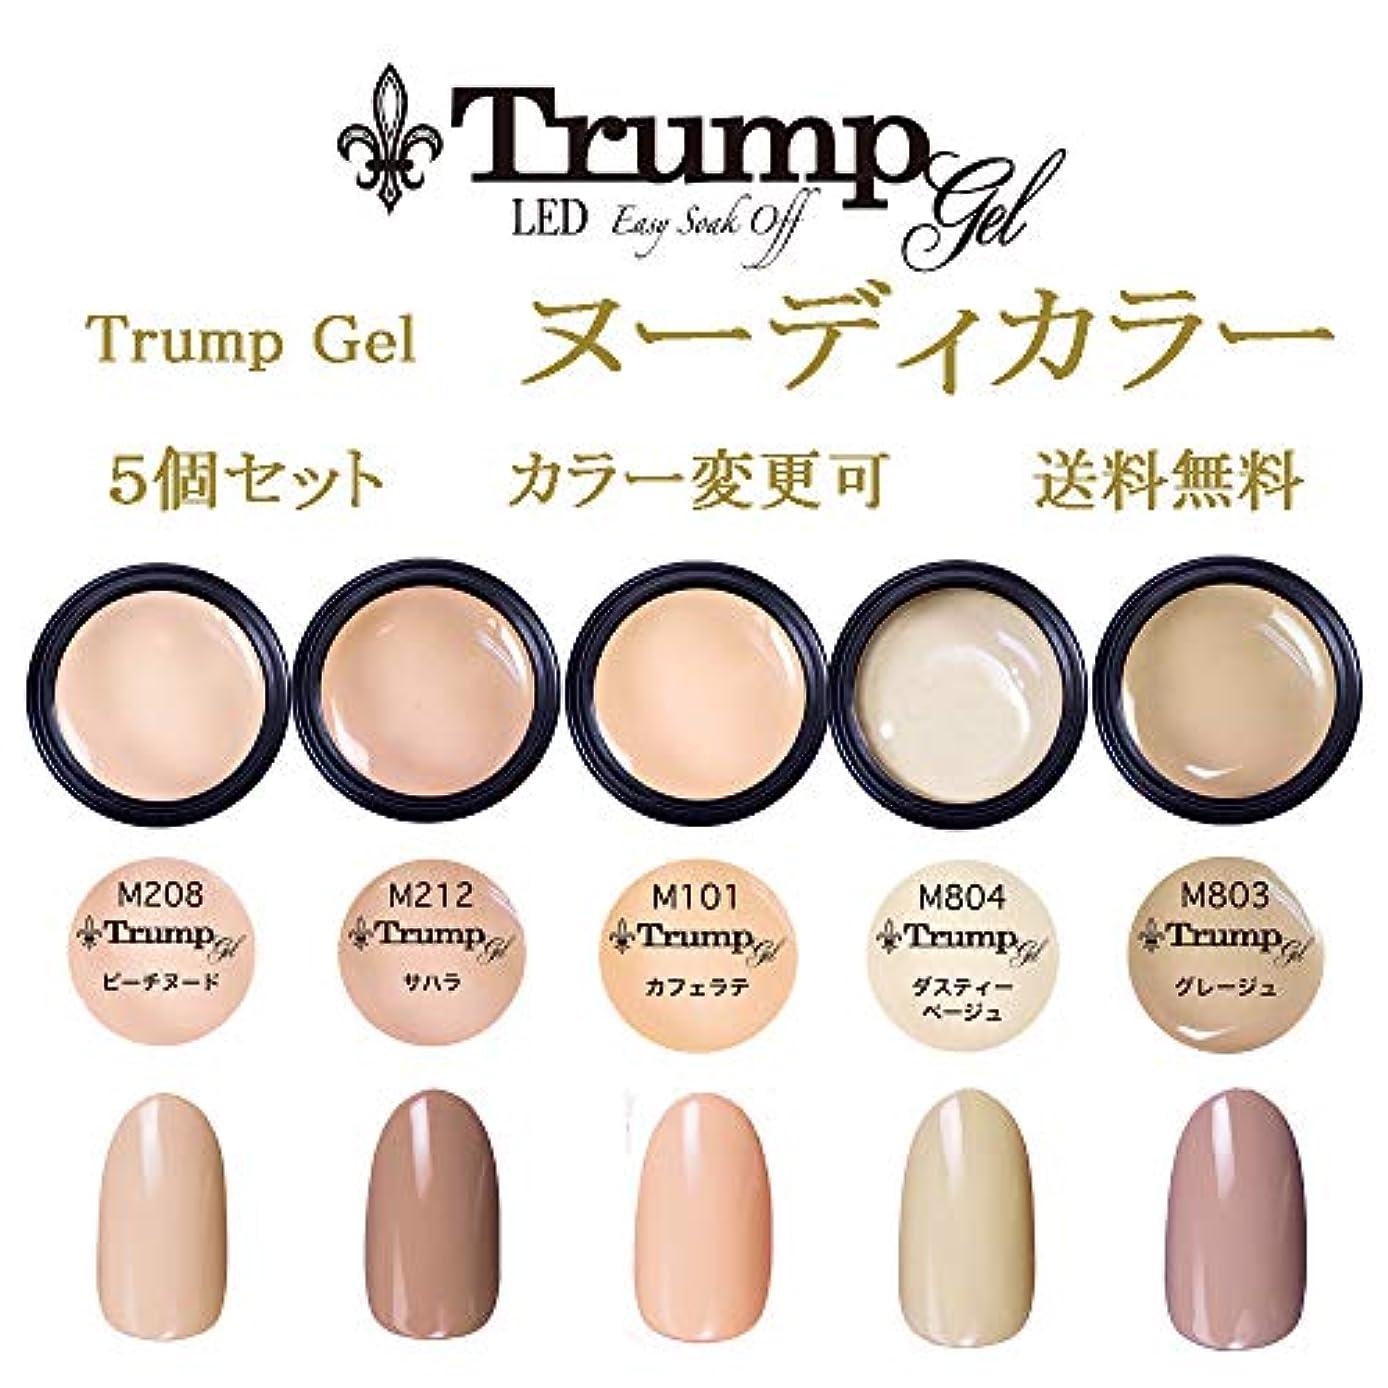 モナリザ起こる濃度日本製 Trump gel トランプジェル ヌーディカラー 選べる カラージェル 5個セット ベージュ ブラウン ピンク